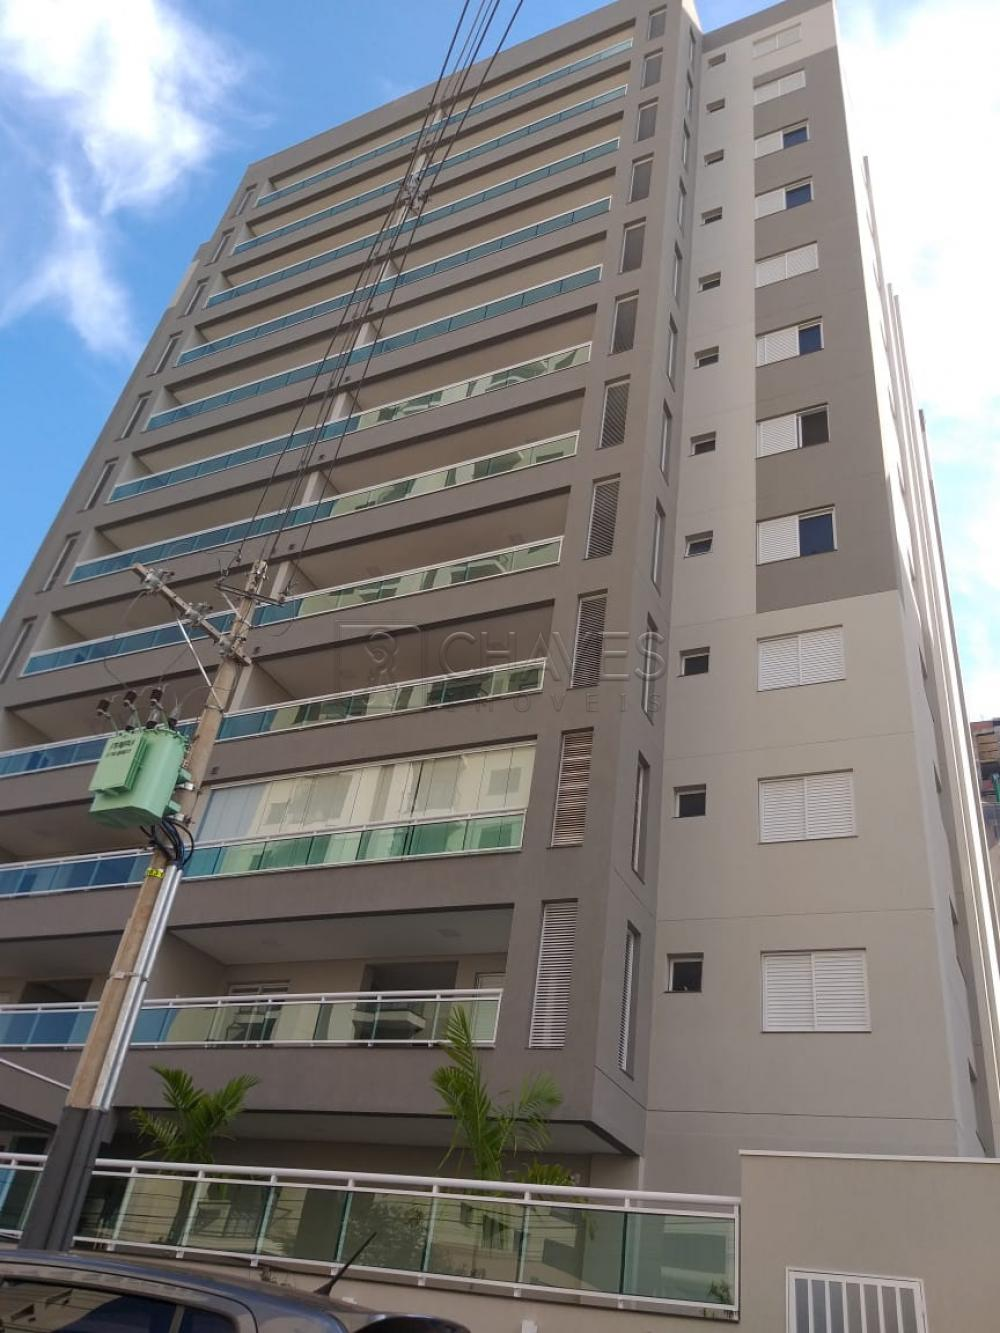 Comprar Apartamento / Padrão em Ribeirão Preto apenas R$ 586.450,00 - Foto 1